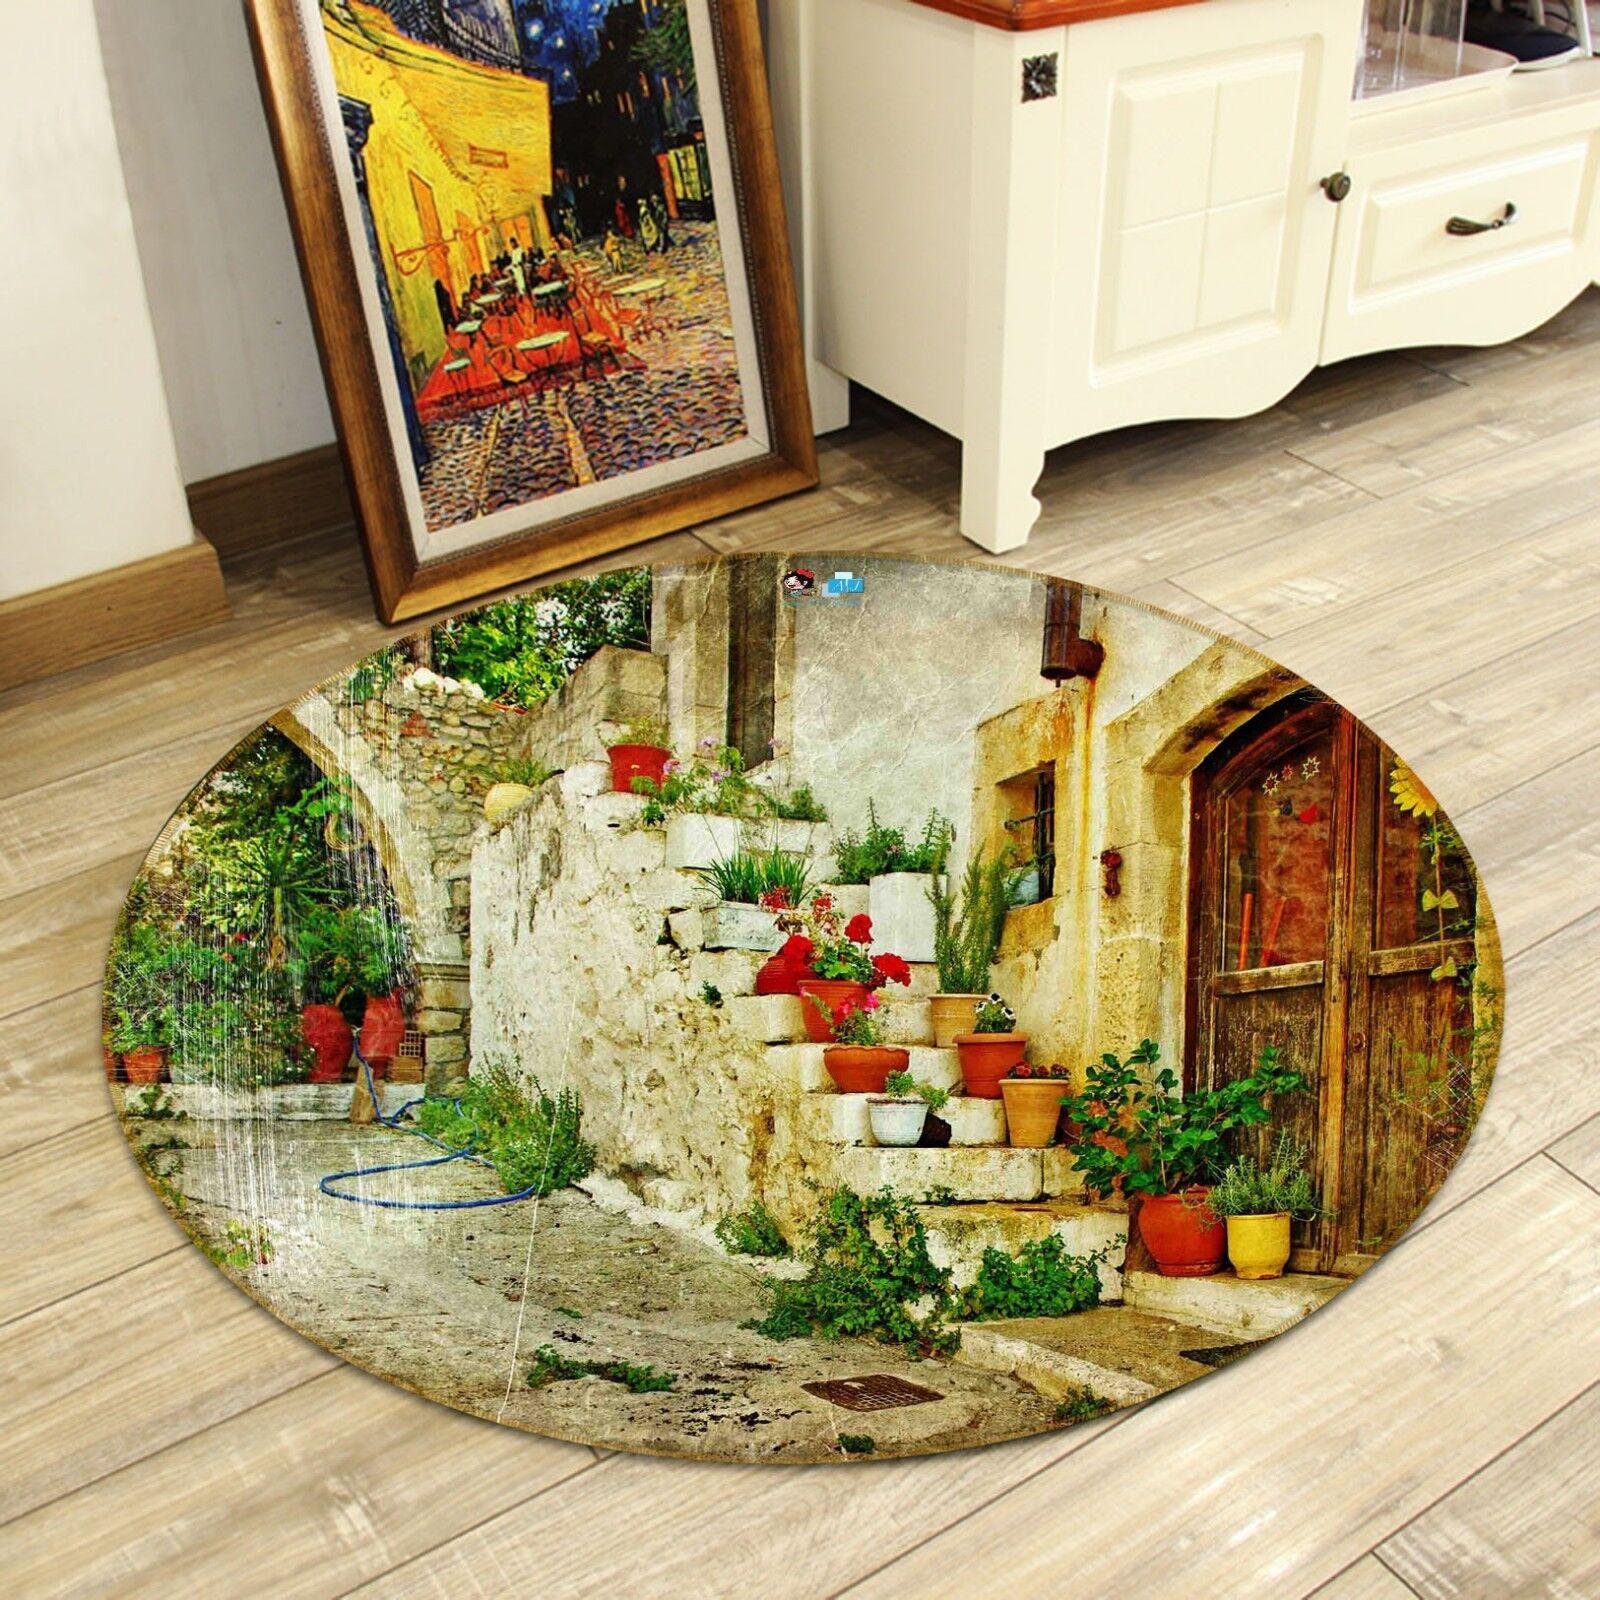 3D Piante In Vaso 11 Pavimento Antiscivolo Tappeti Elegante Tappeto IT Carly